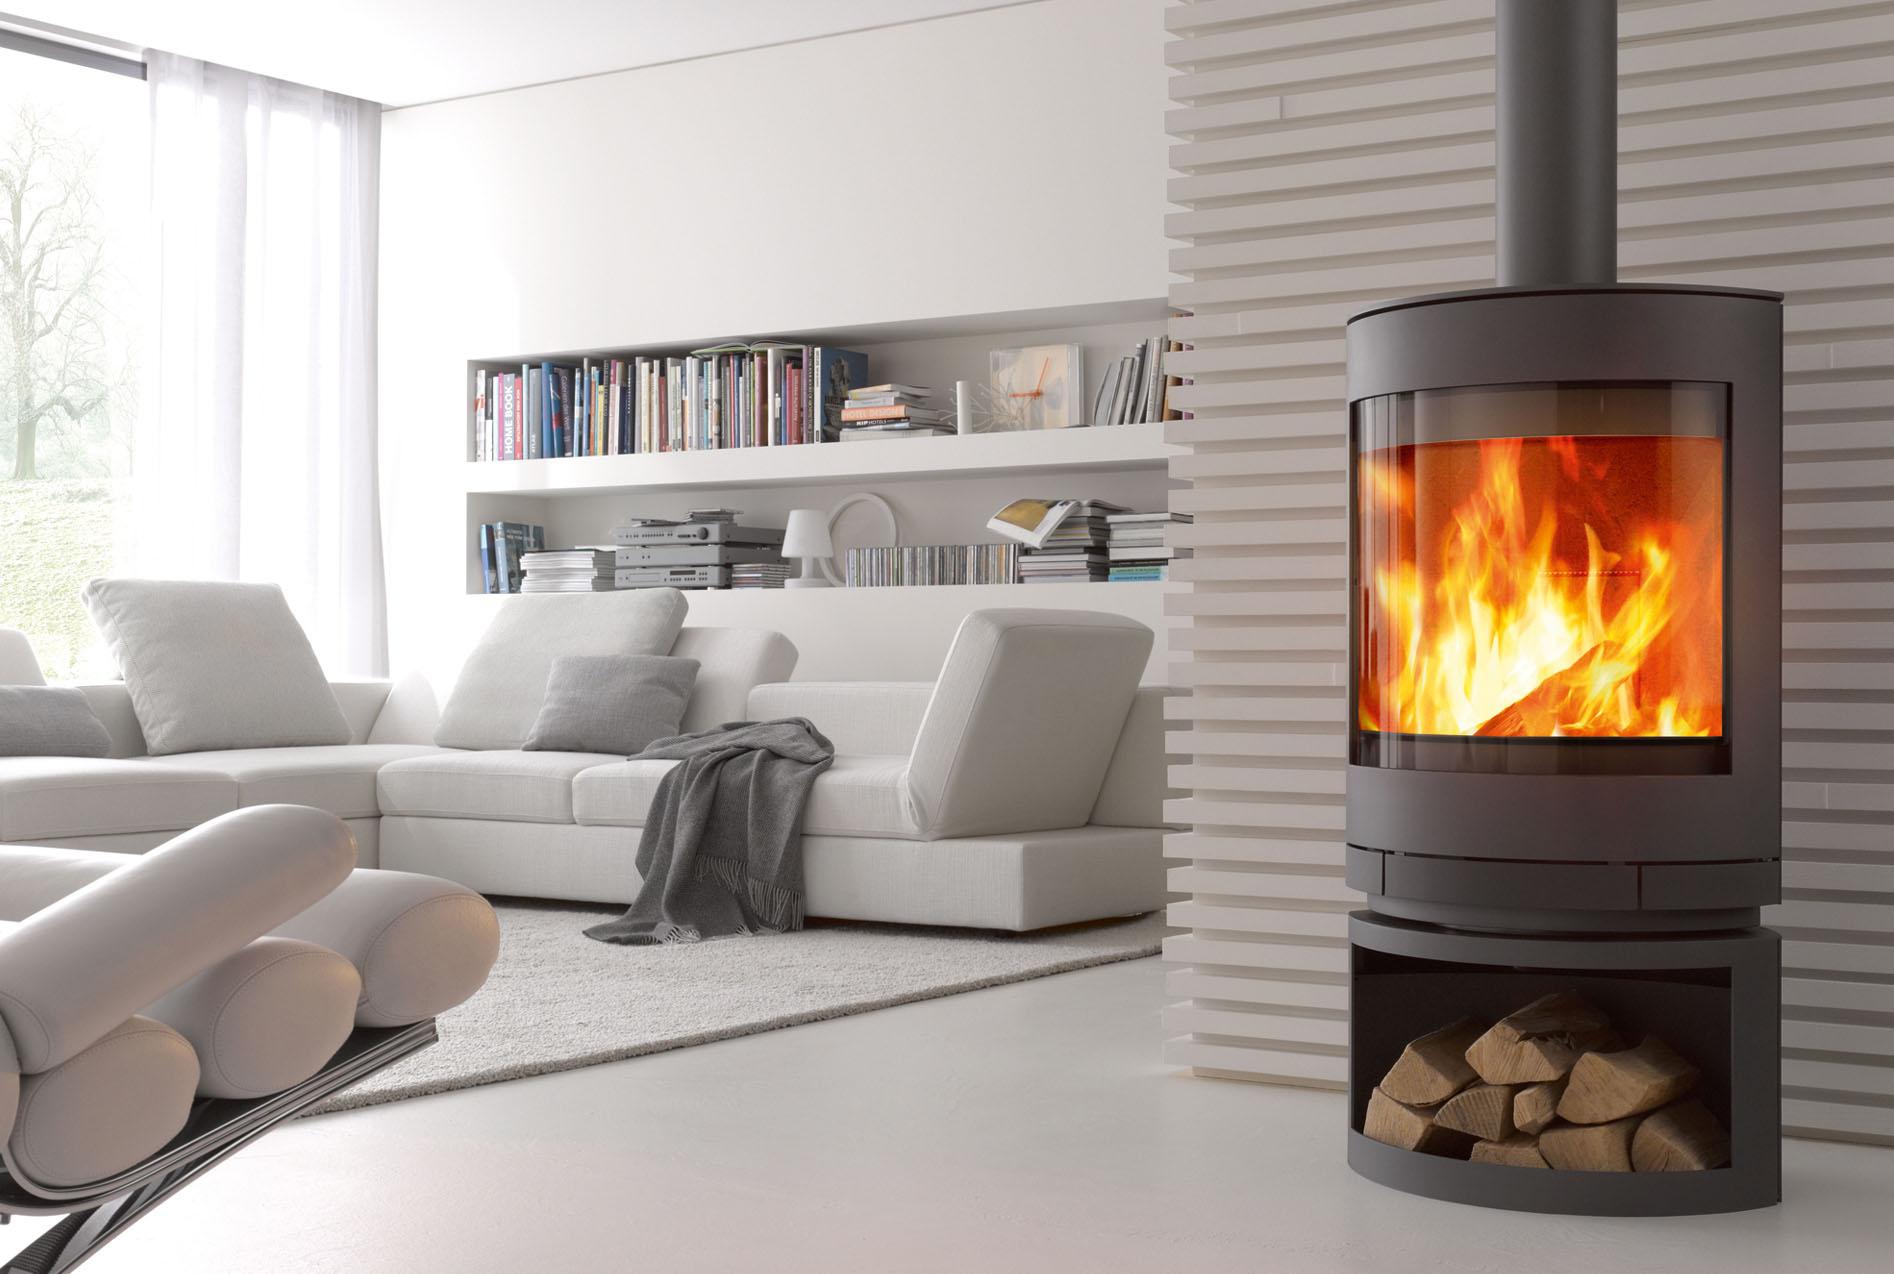 Vendita Stufe a legna pellet gas e elettriche Vieni a fare un preventivo per la tua stufa